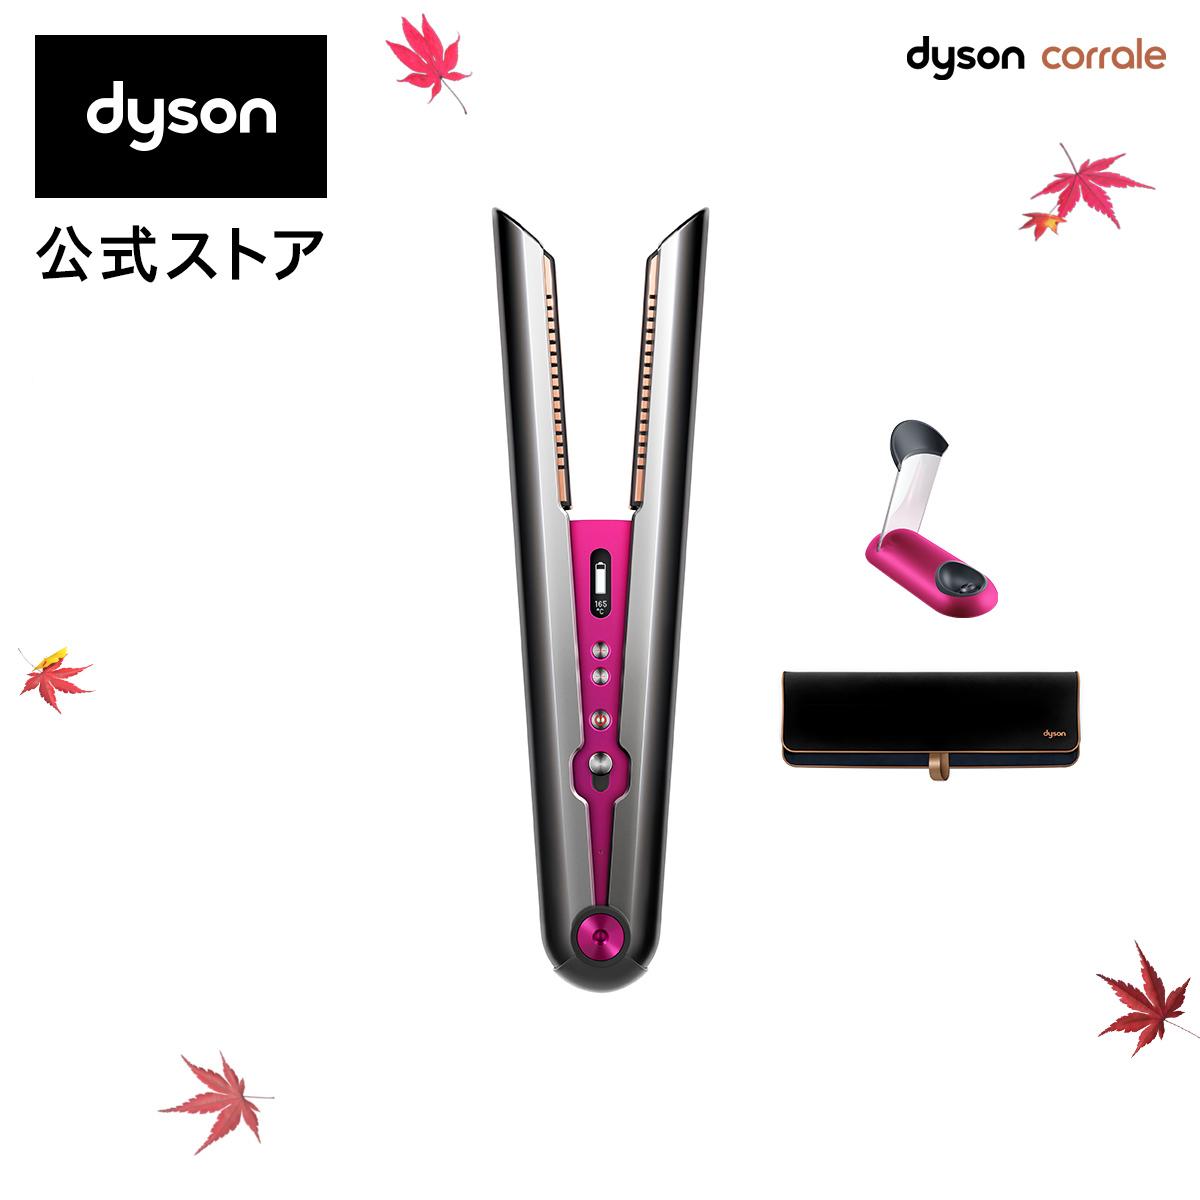 Dyson Corrale ダイソン コラール [宅送] HS03 NF コテ フューシャ 6 ブラックニッケル ヘアアイロン 23新発売 ヘアケア カーラー チープ